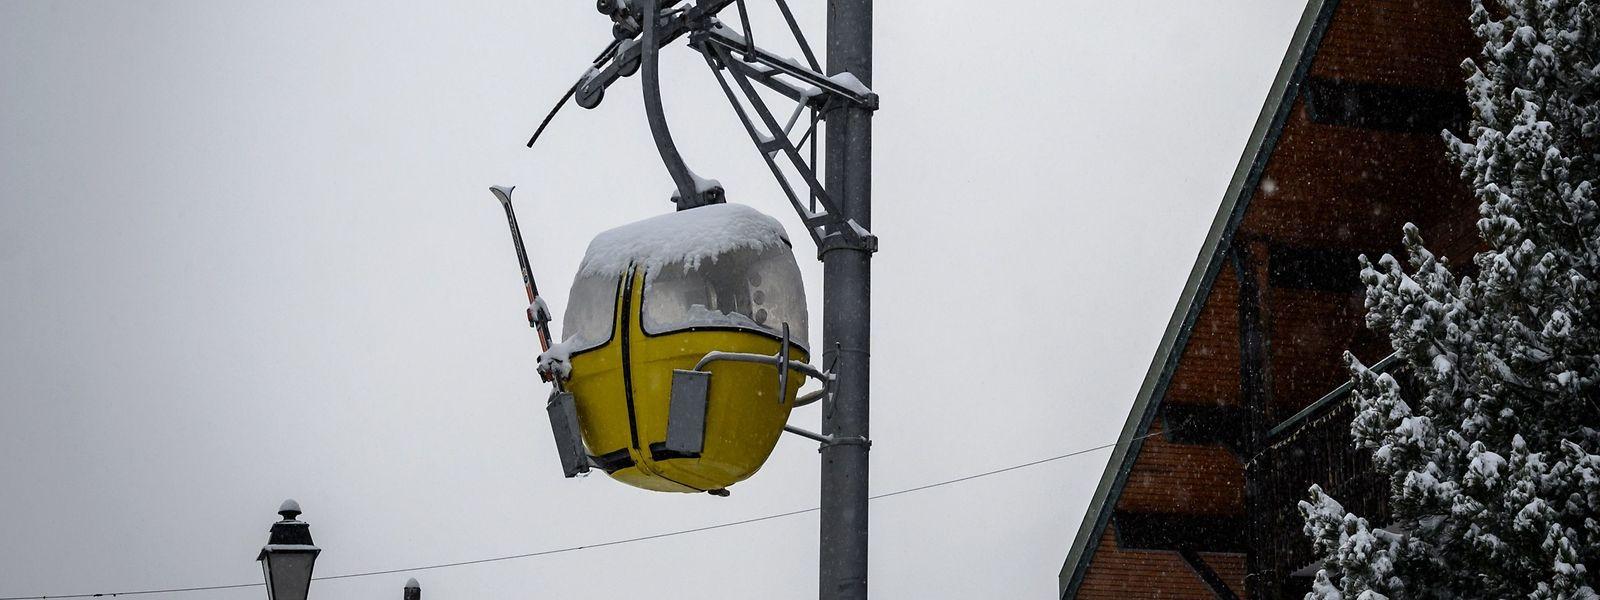 In Frankreich stehen sämtliche Lifte still. Nur ein paar Kilometer weiter, hinter der Schweizer Grenze, ist die Wintersport-Saison lanciert - wenn auch mit Einschränkungen.